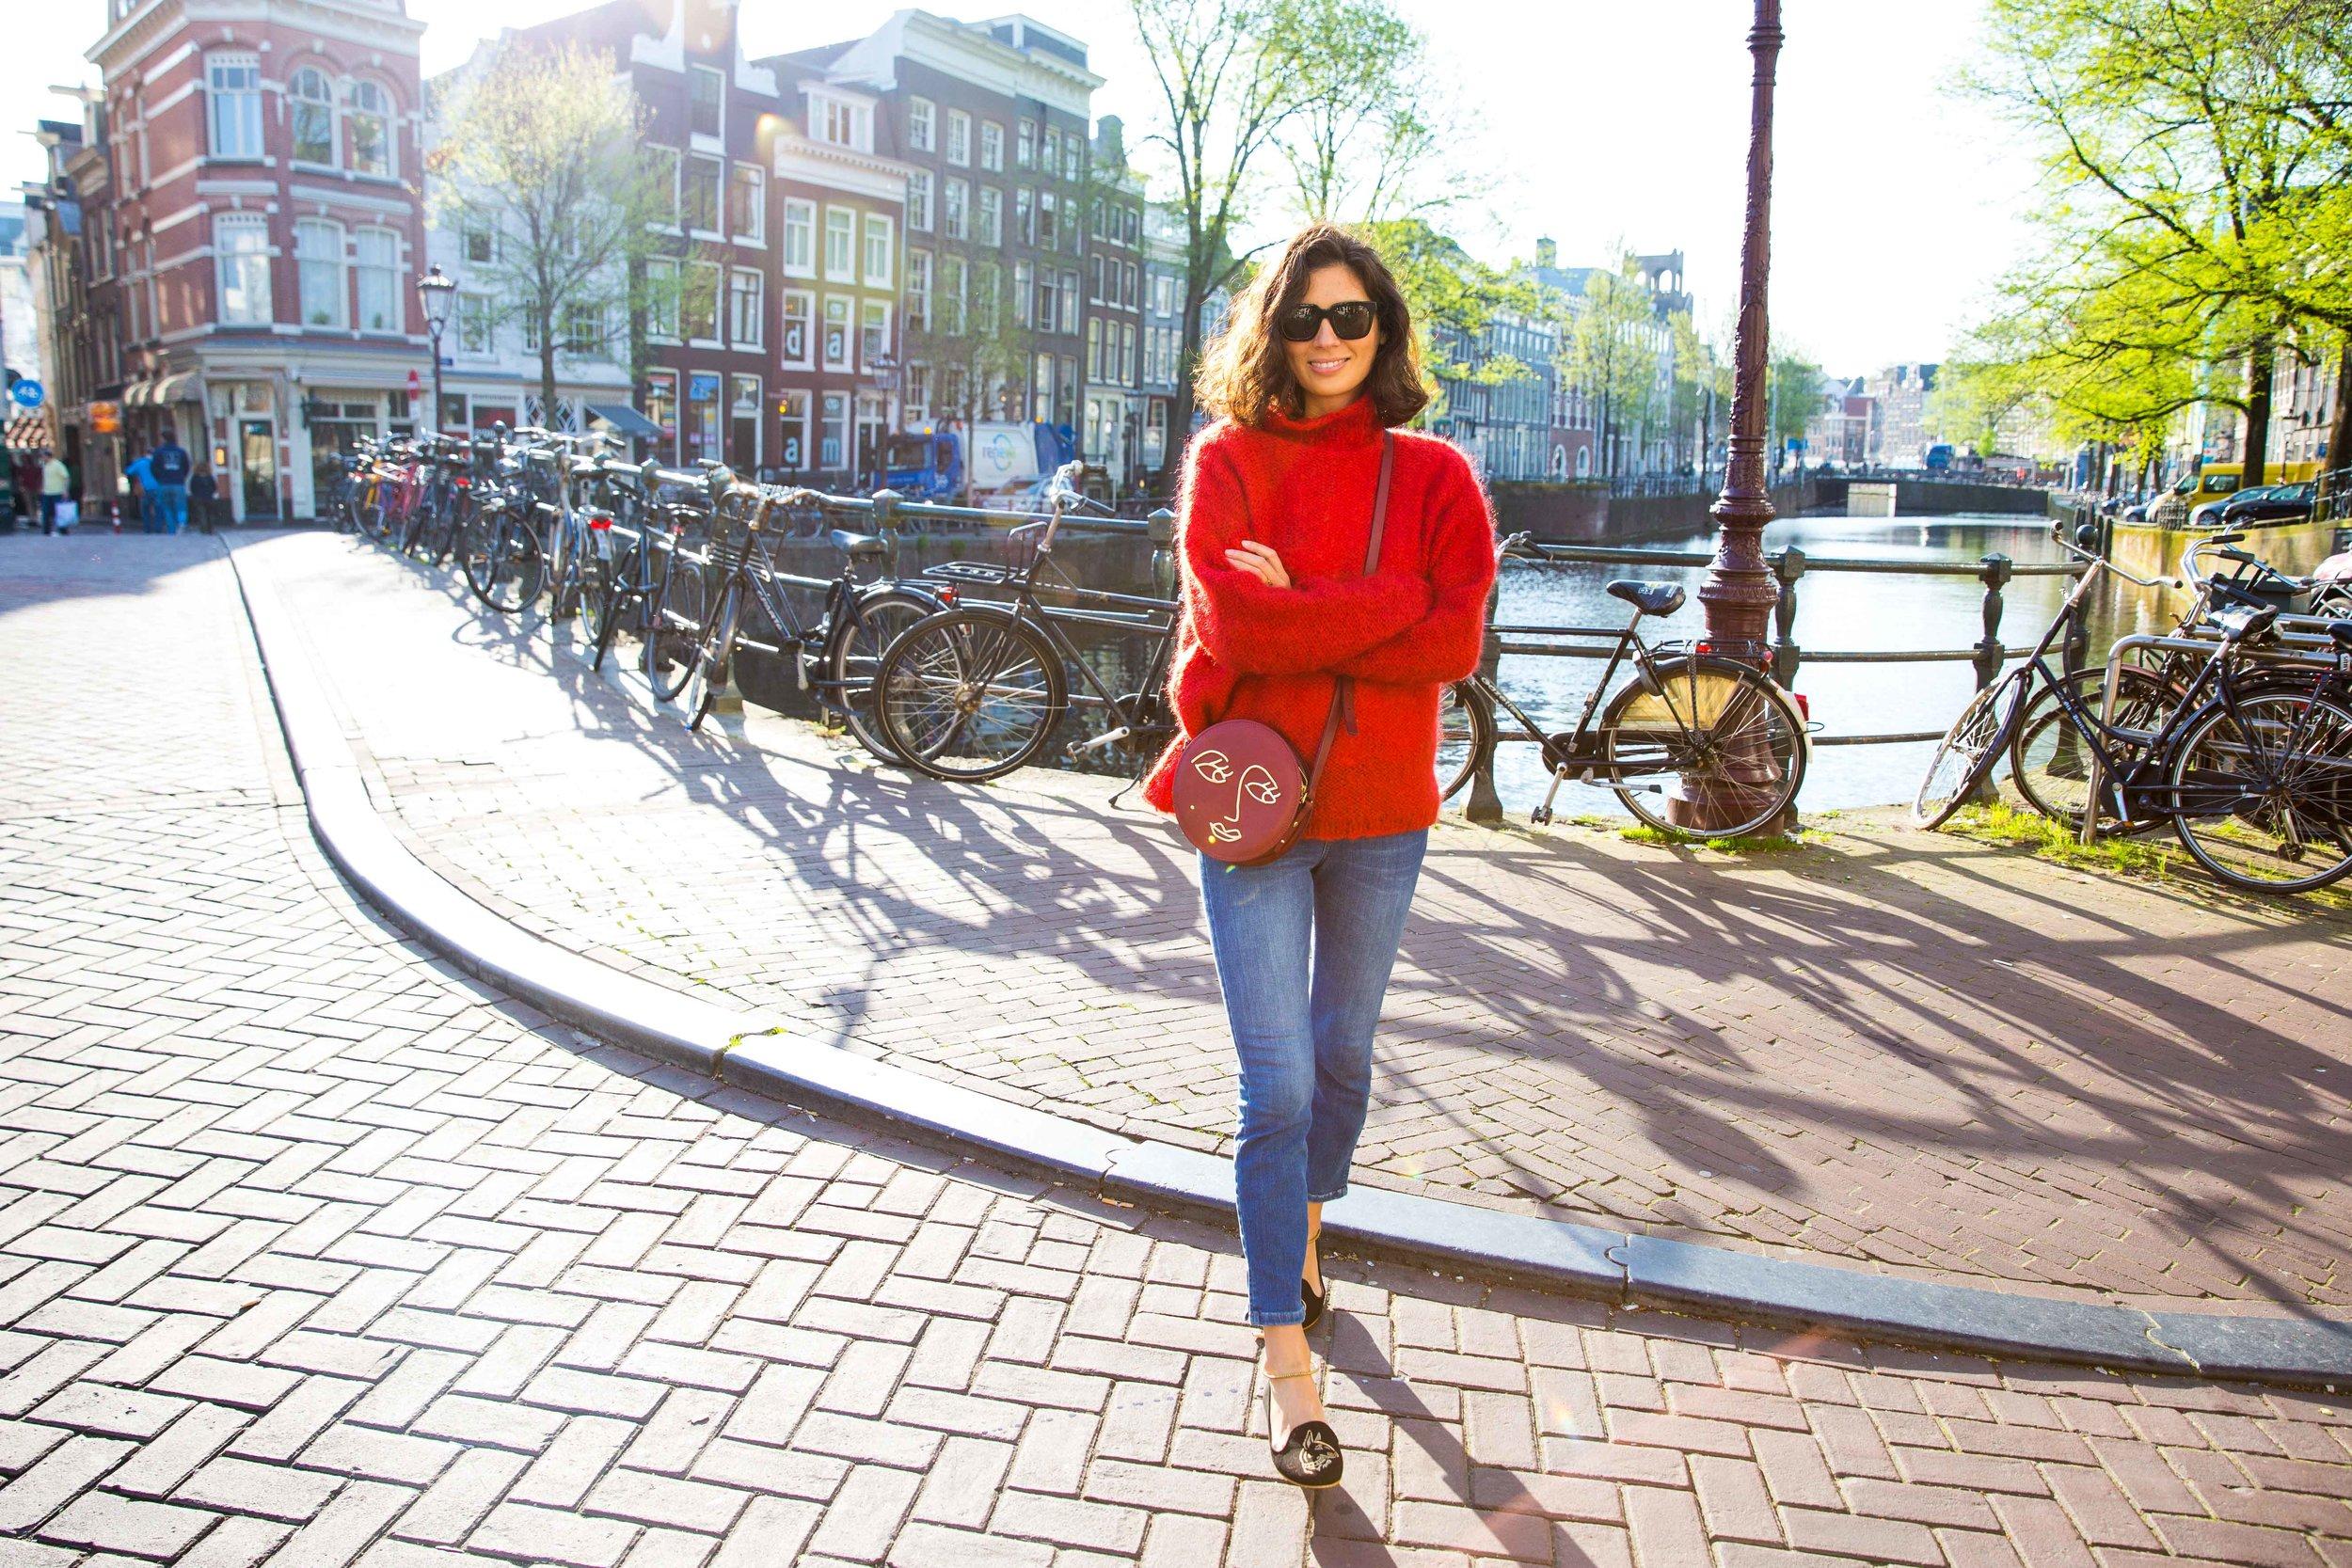 JasmineHemsley_FashionRevolution_Selects_NickHopper-1806.jpg